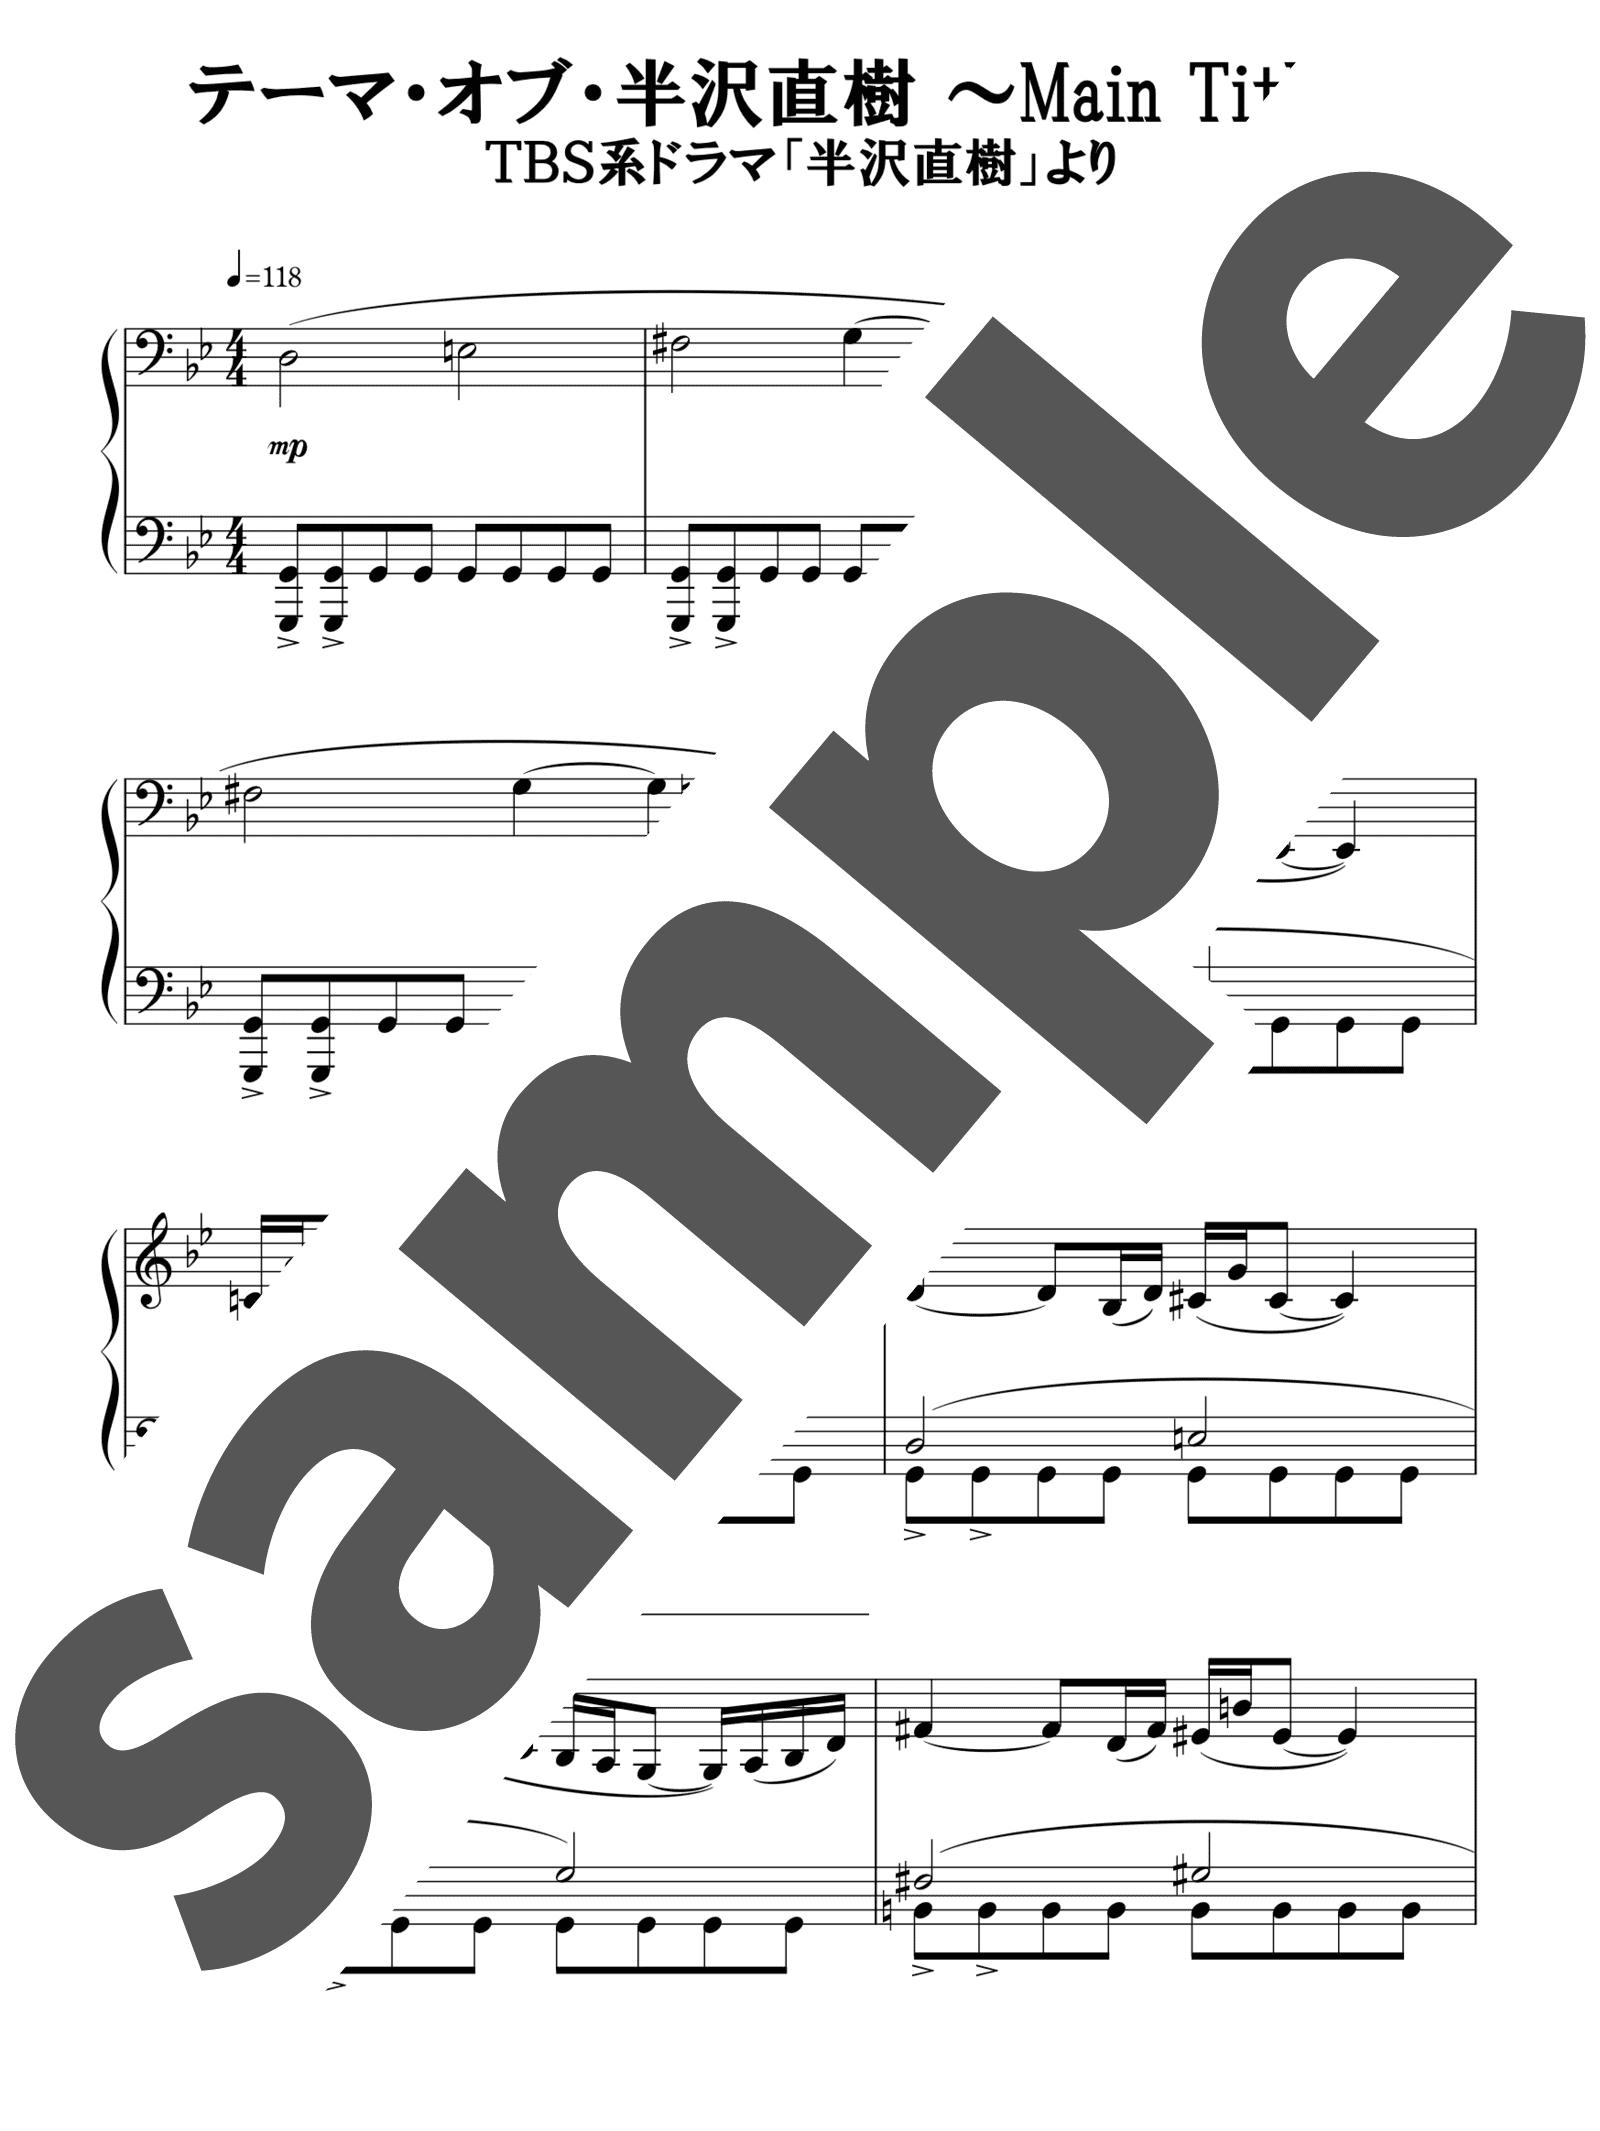 「テーマ・オブ・半沢直樹」のサンプル楽譜